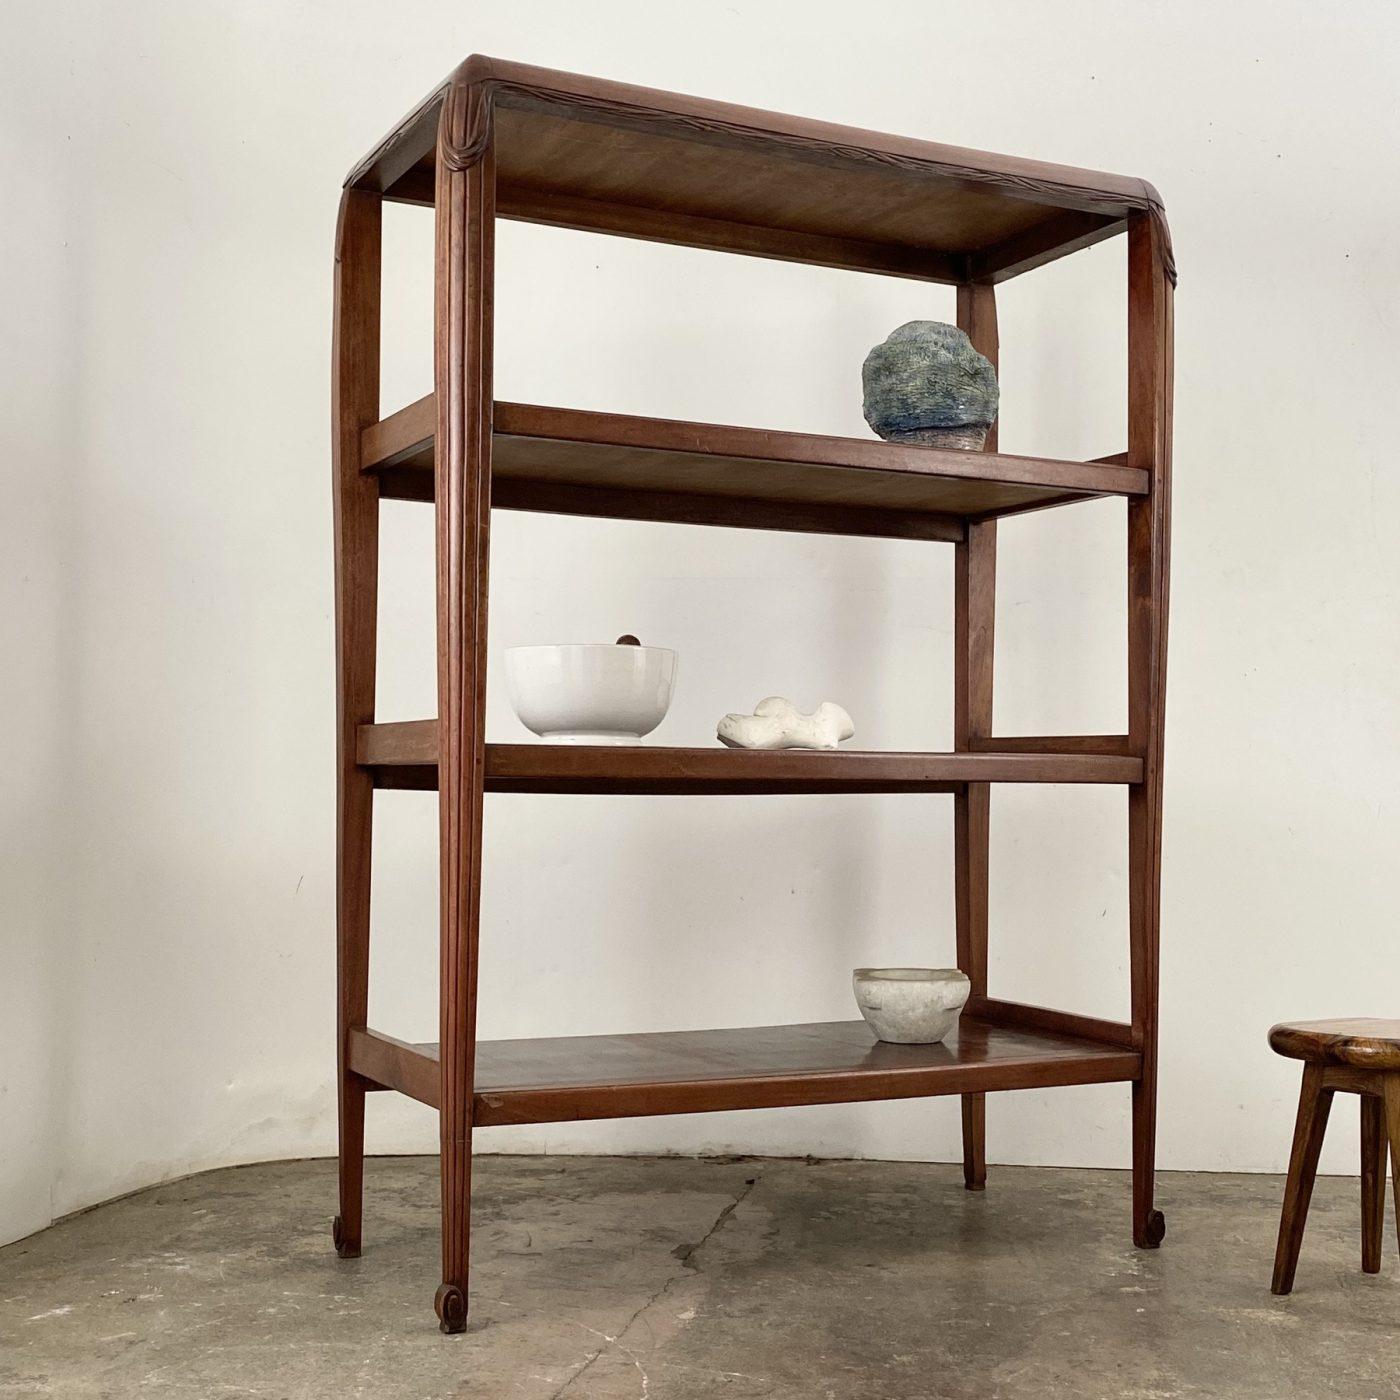 objet-vagabond-french-shop-shelf0001